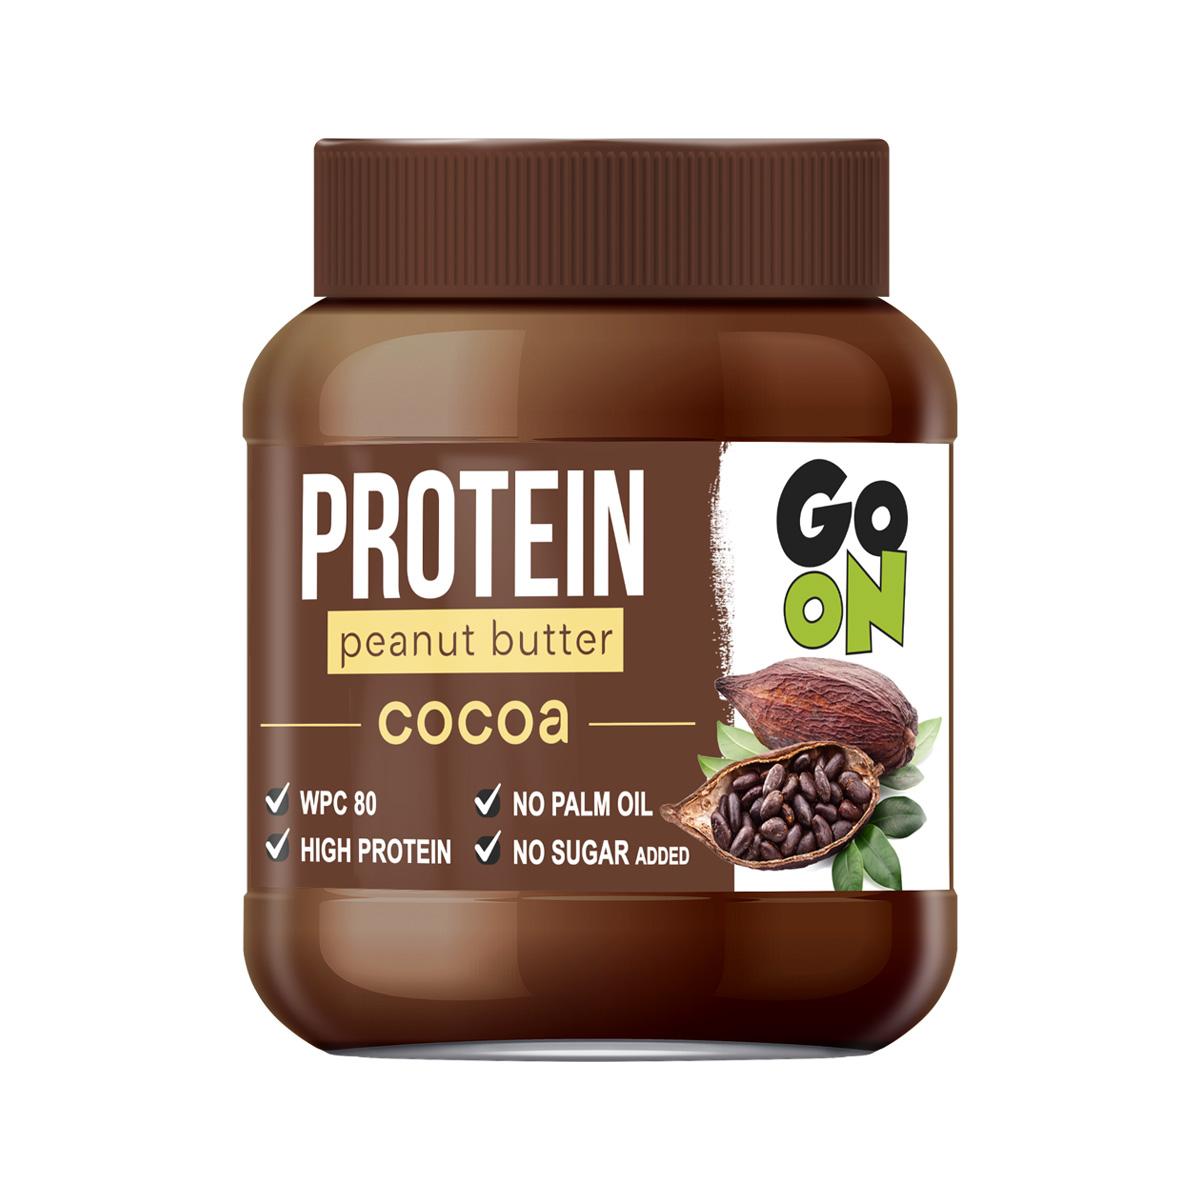 Vieste GO ON Proteinové arašídové máslo kakao 350 g